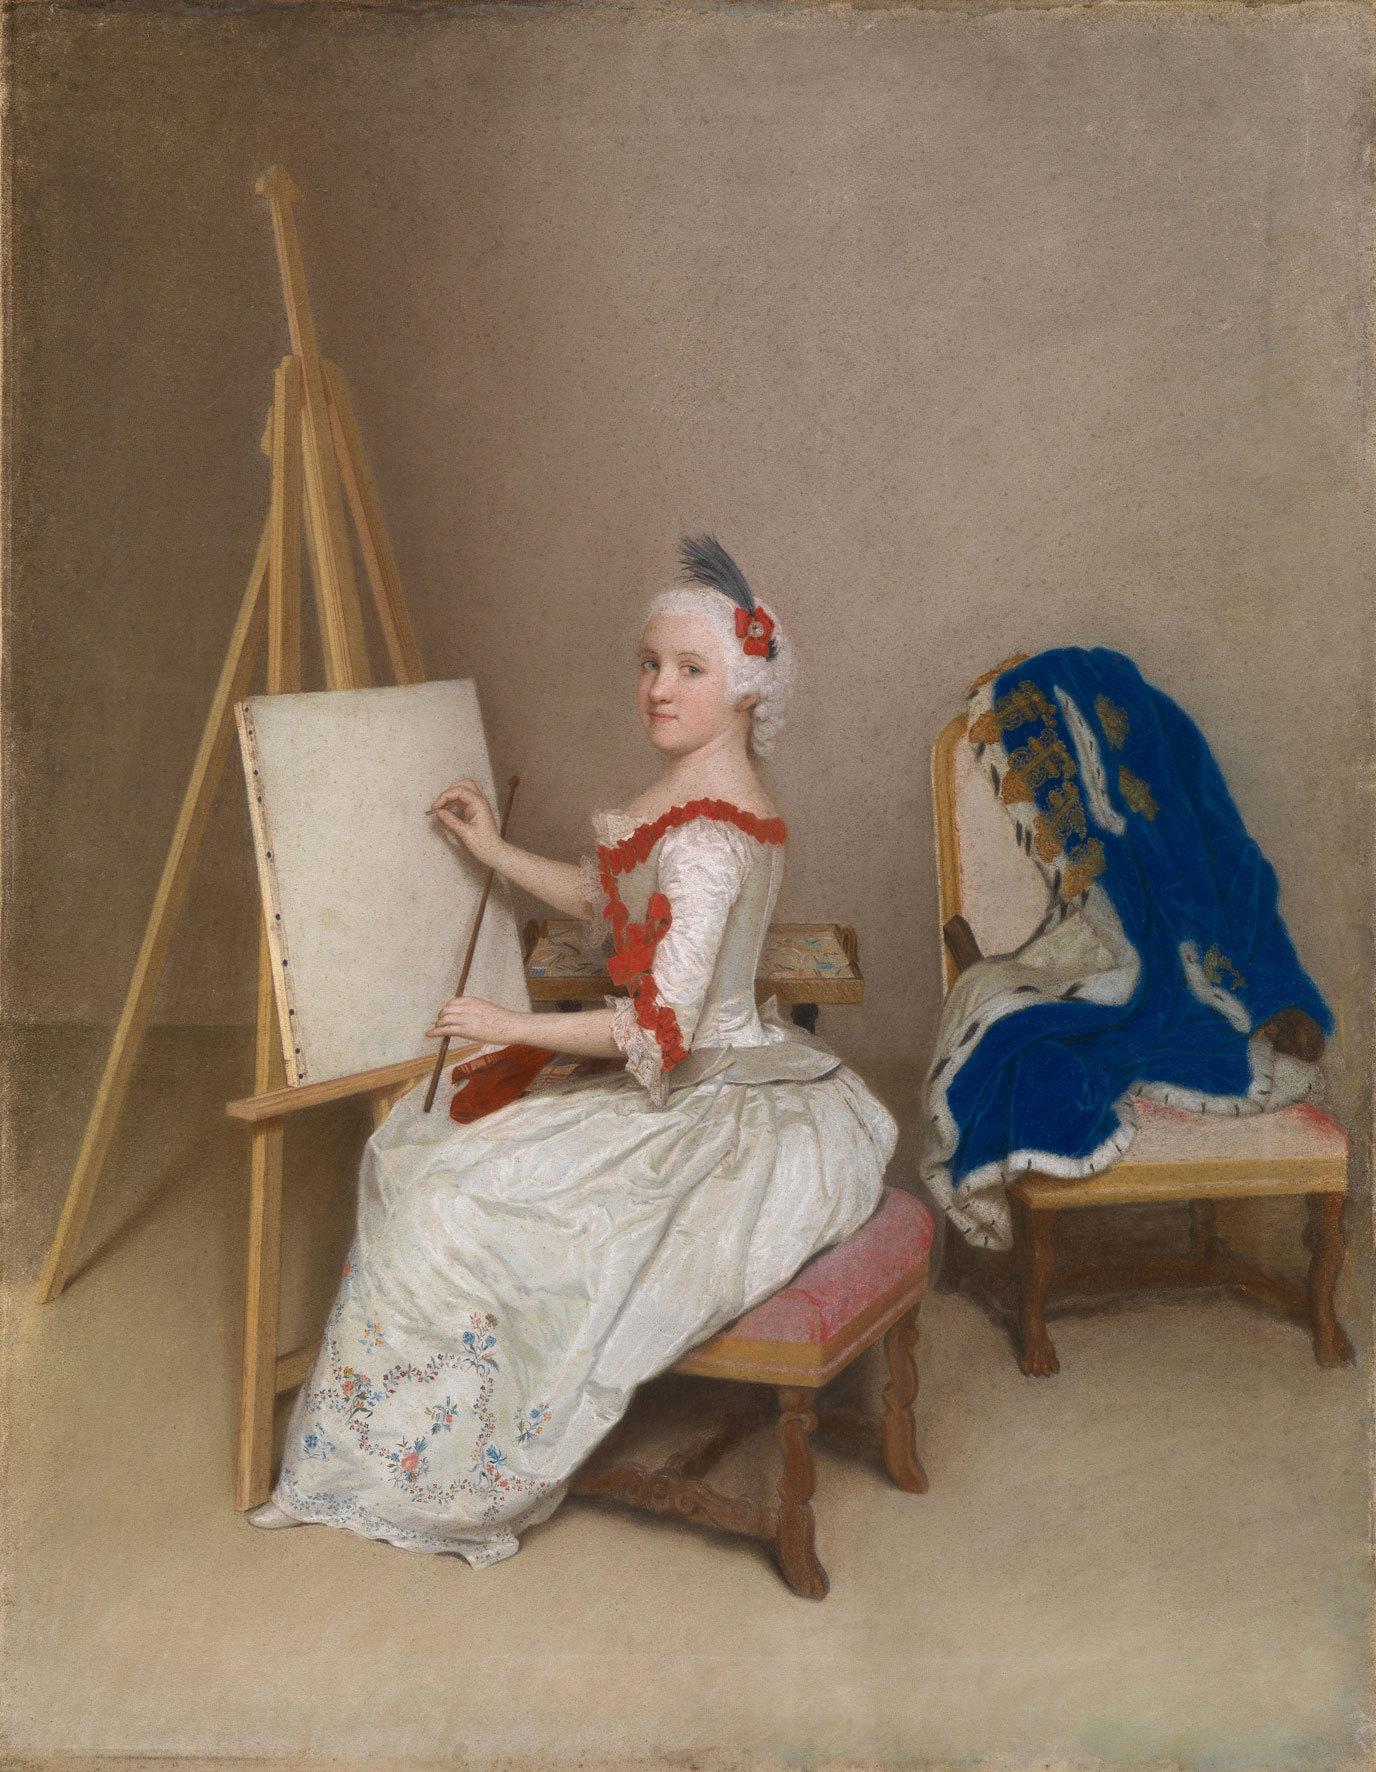 Karoline Luise von Hessen-Darmstadt (1723-1783) an der Staffelei, 1745